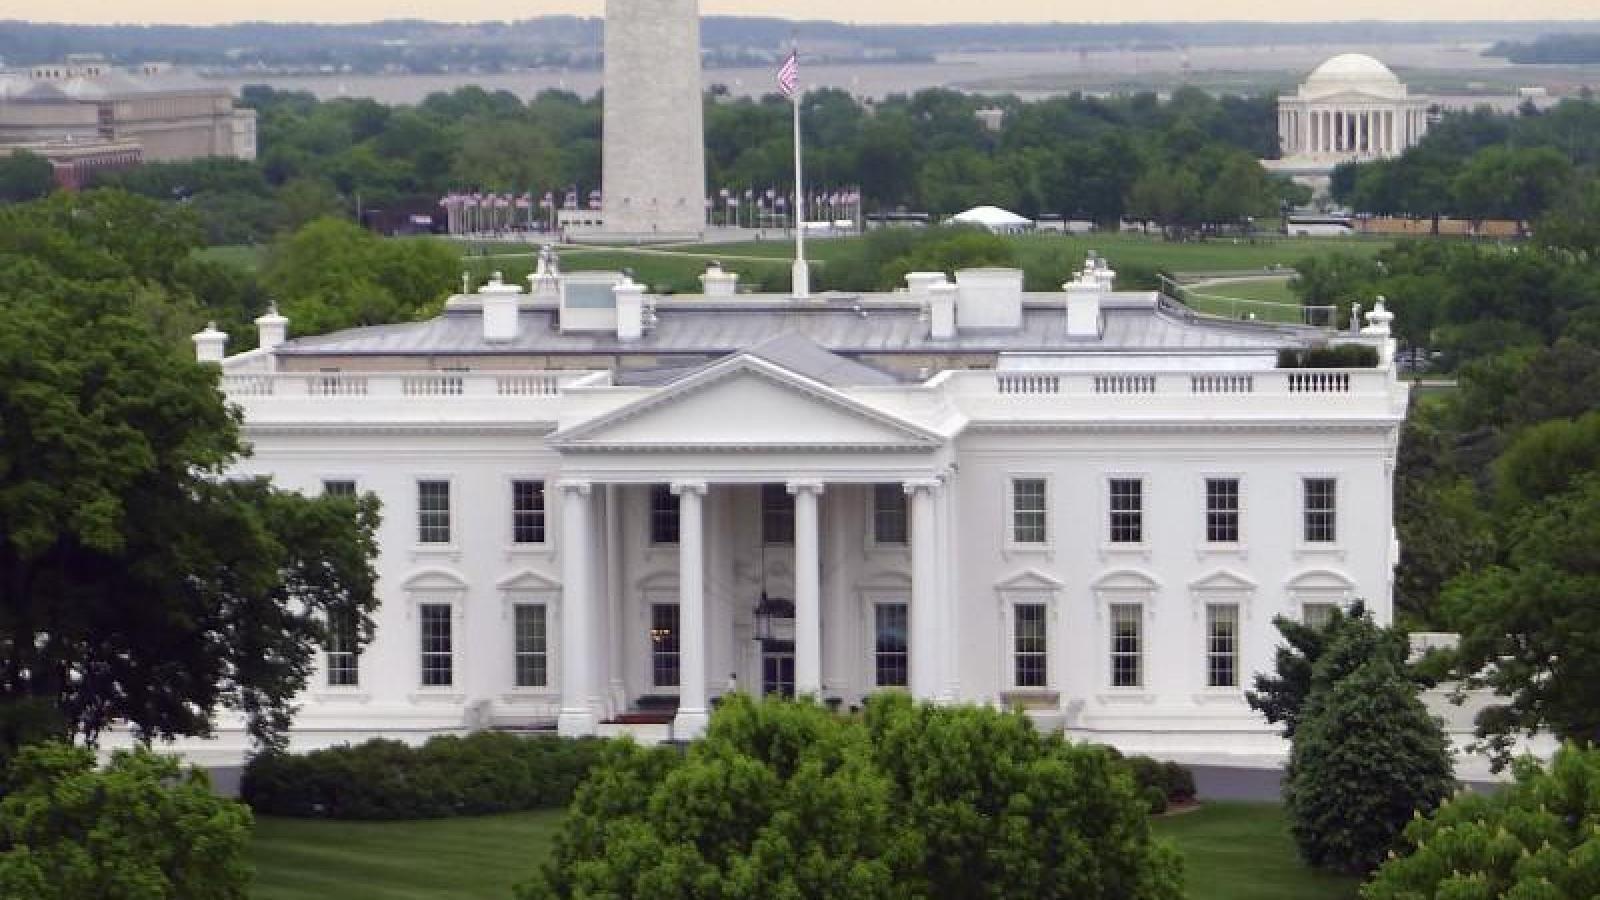 Nhà Trắng: Mỹ đủ bộ thử Covid-19 để mở cửa lại nền kinh tế giai đoạn đầu